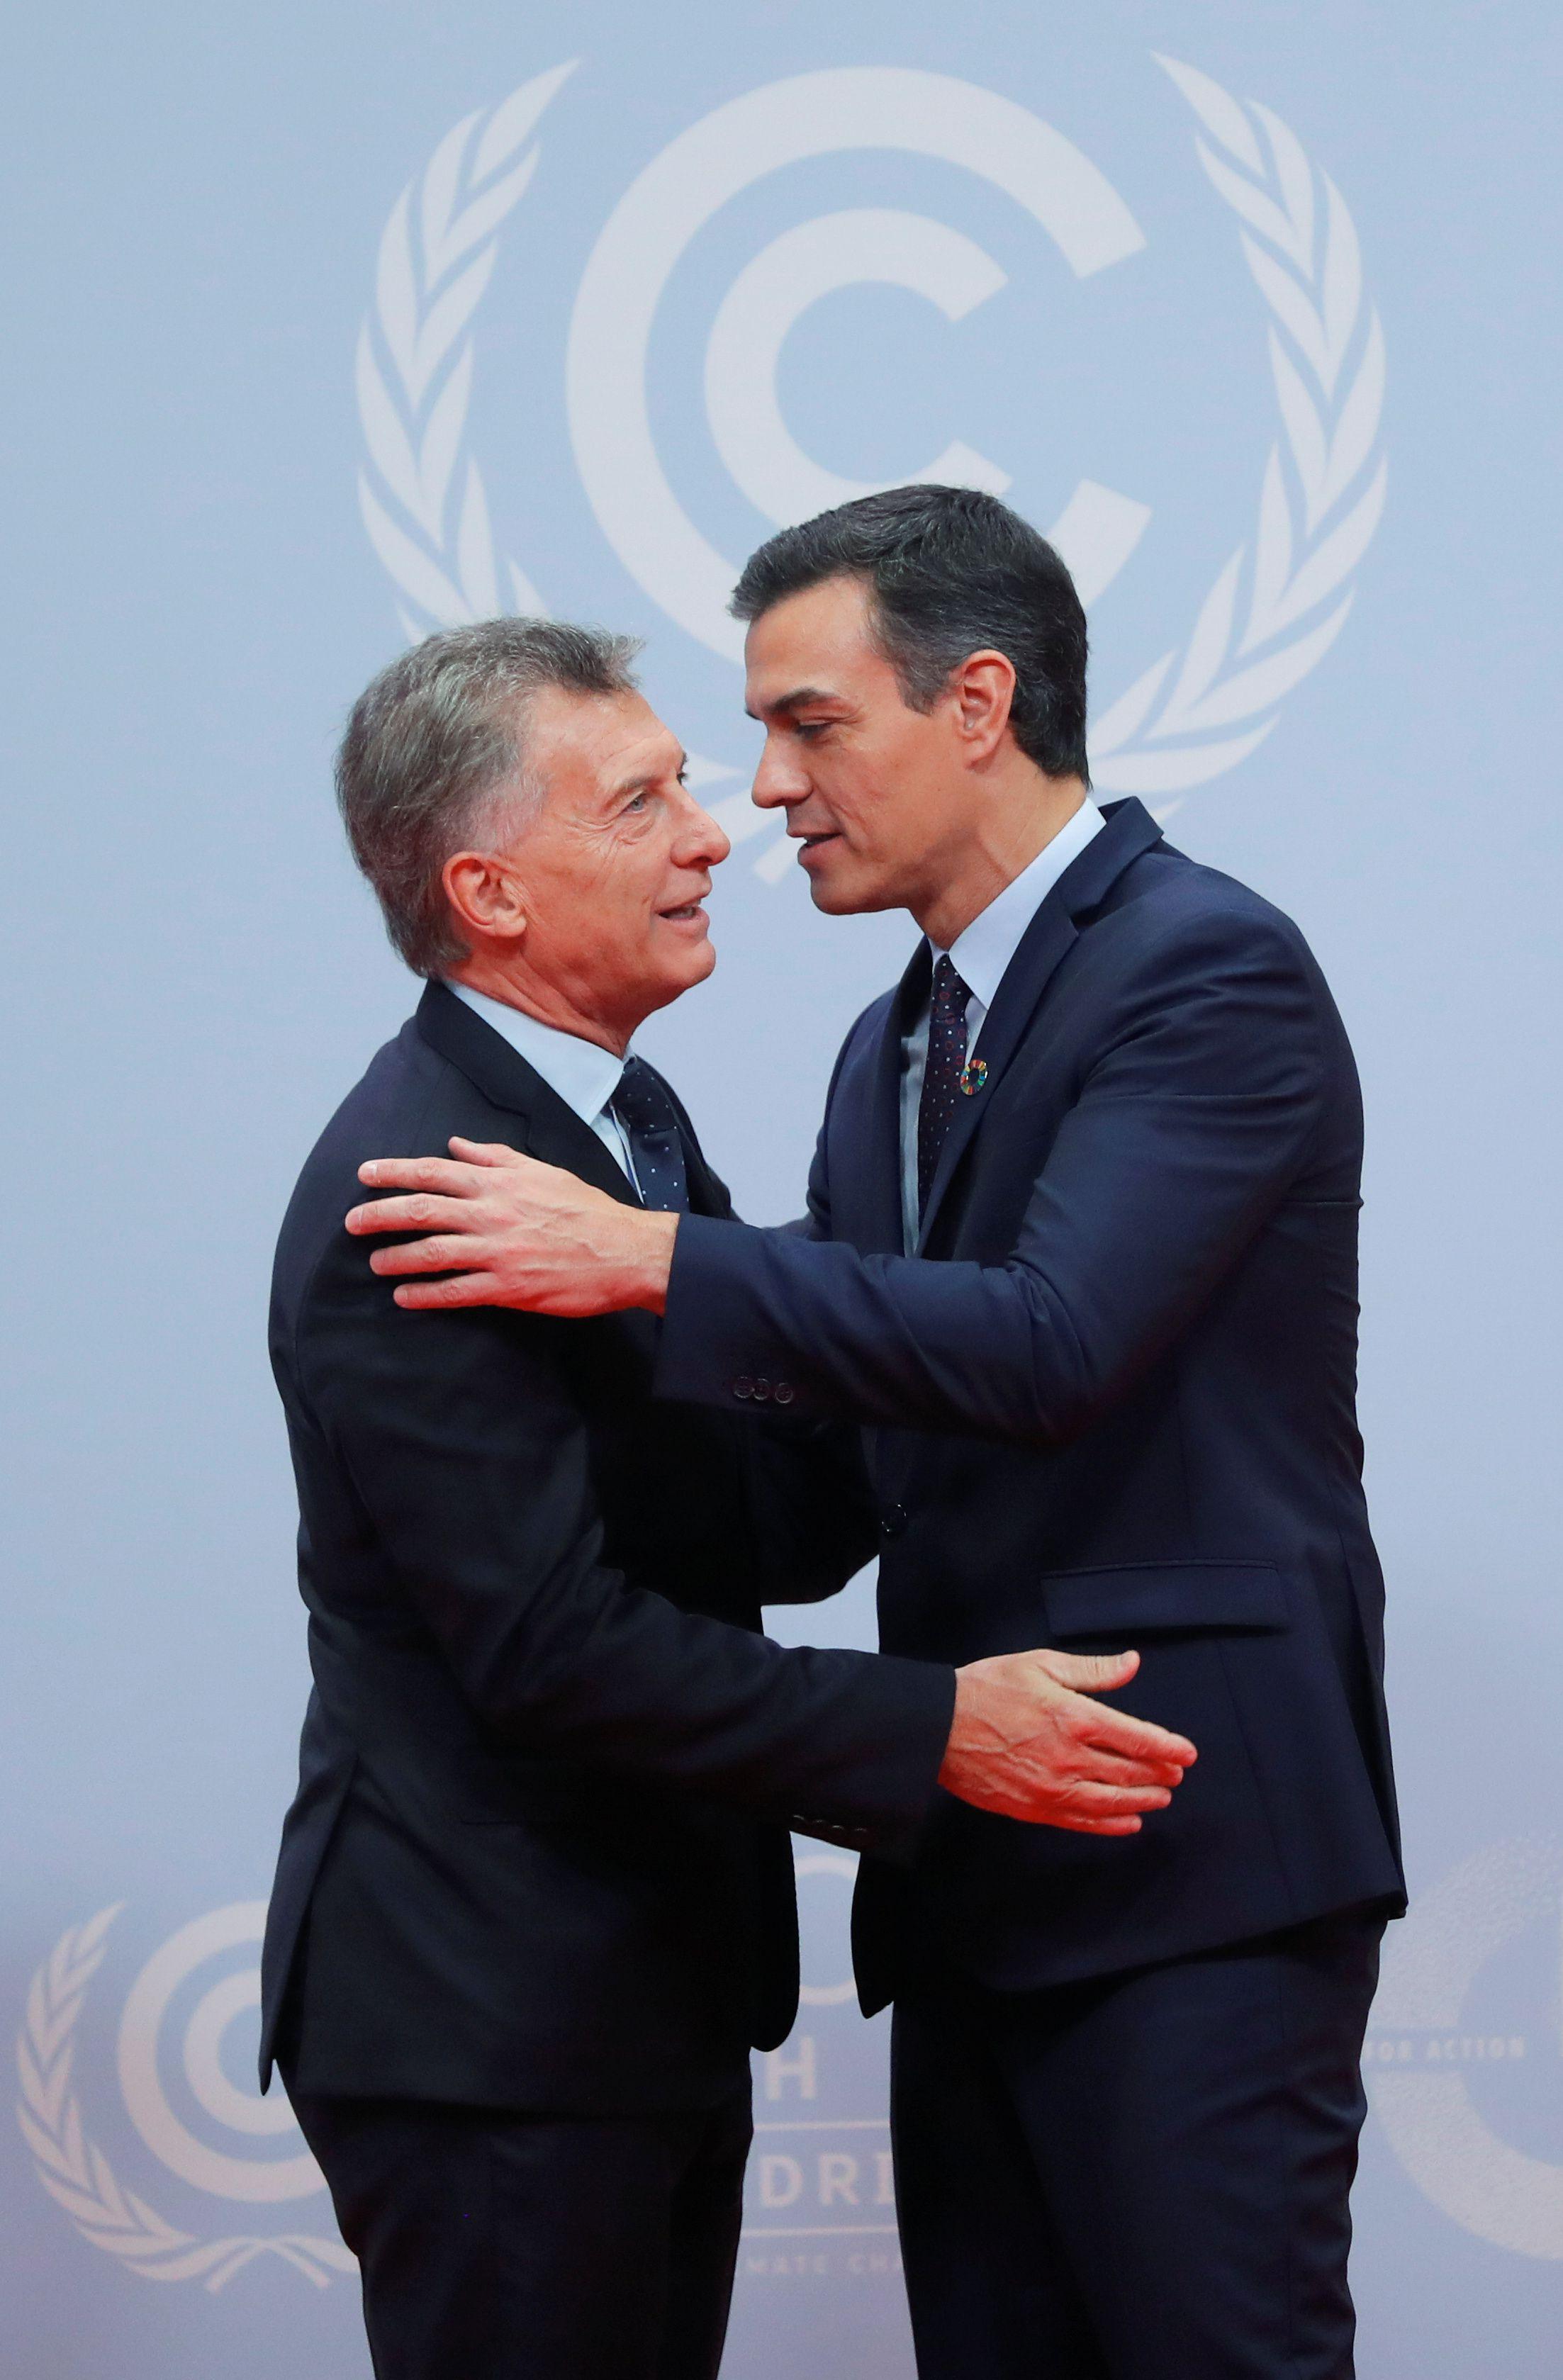 El presidente del gobierno español, Pedro Sánchez, saluda al presidente argentino durante la COP25. REUTERS/Susana Vera